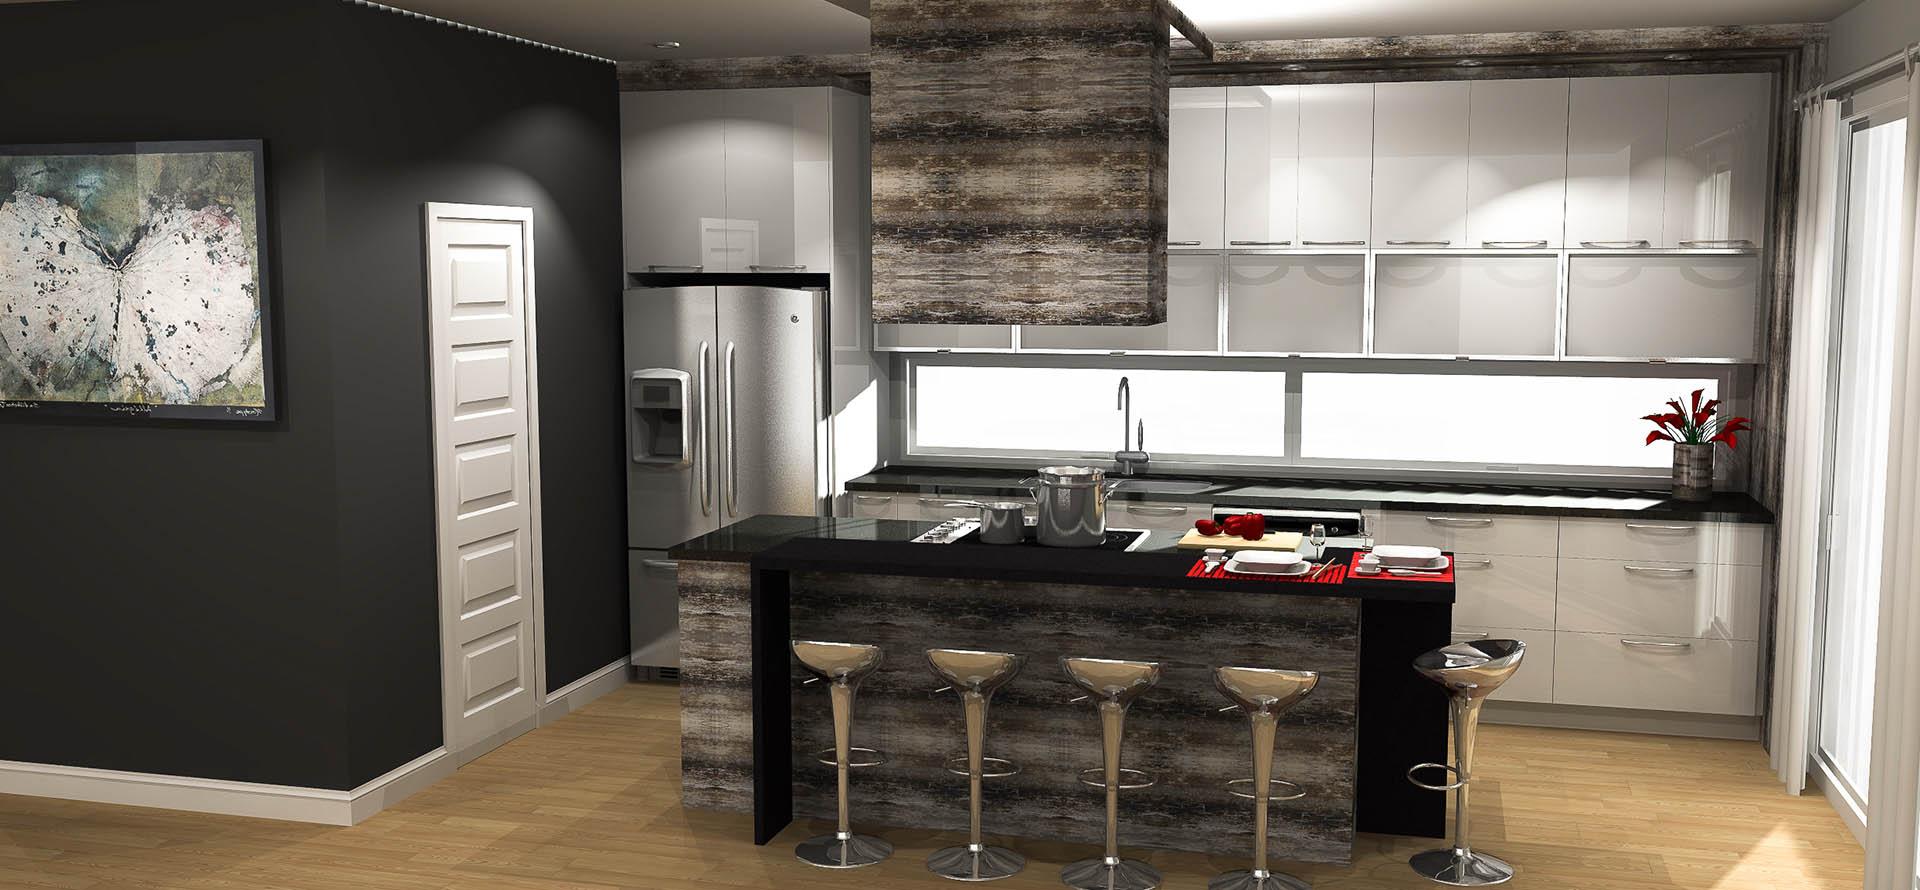 plan cuisine inspirant plan cuisine ouverte pour cuisine leicht semi ouverte. Black Bedroom Furniture Sets. Home Design Ideas